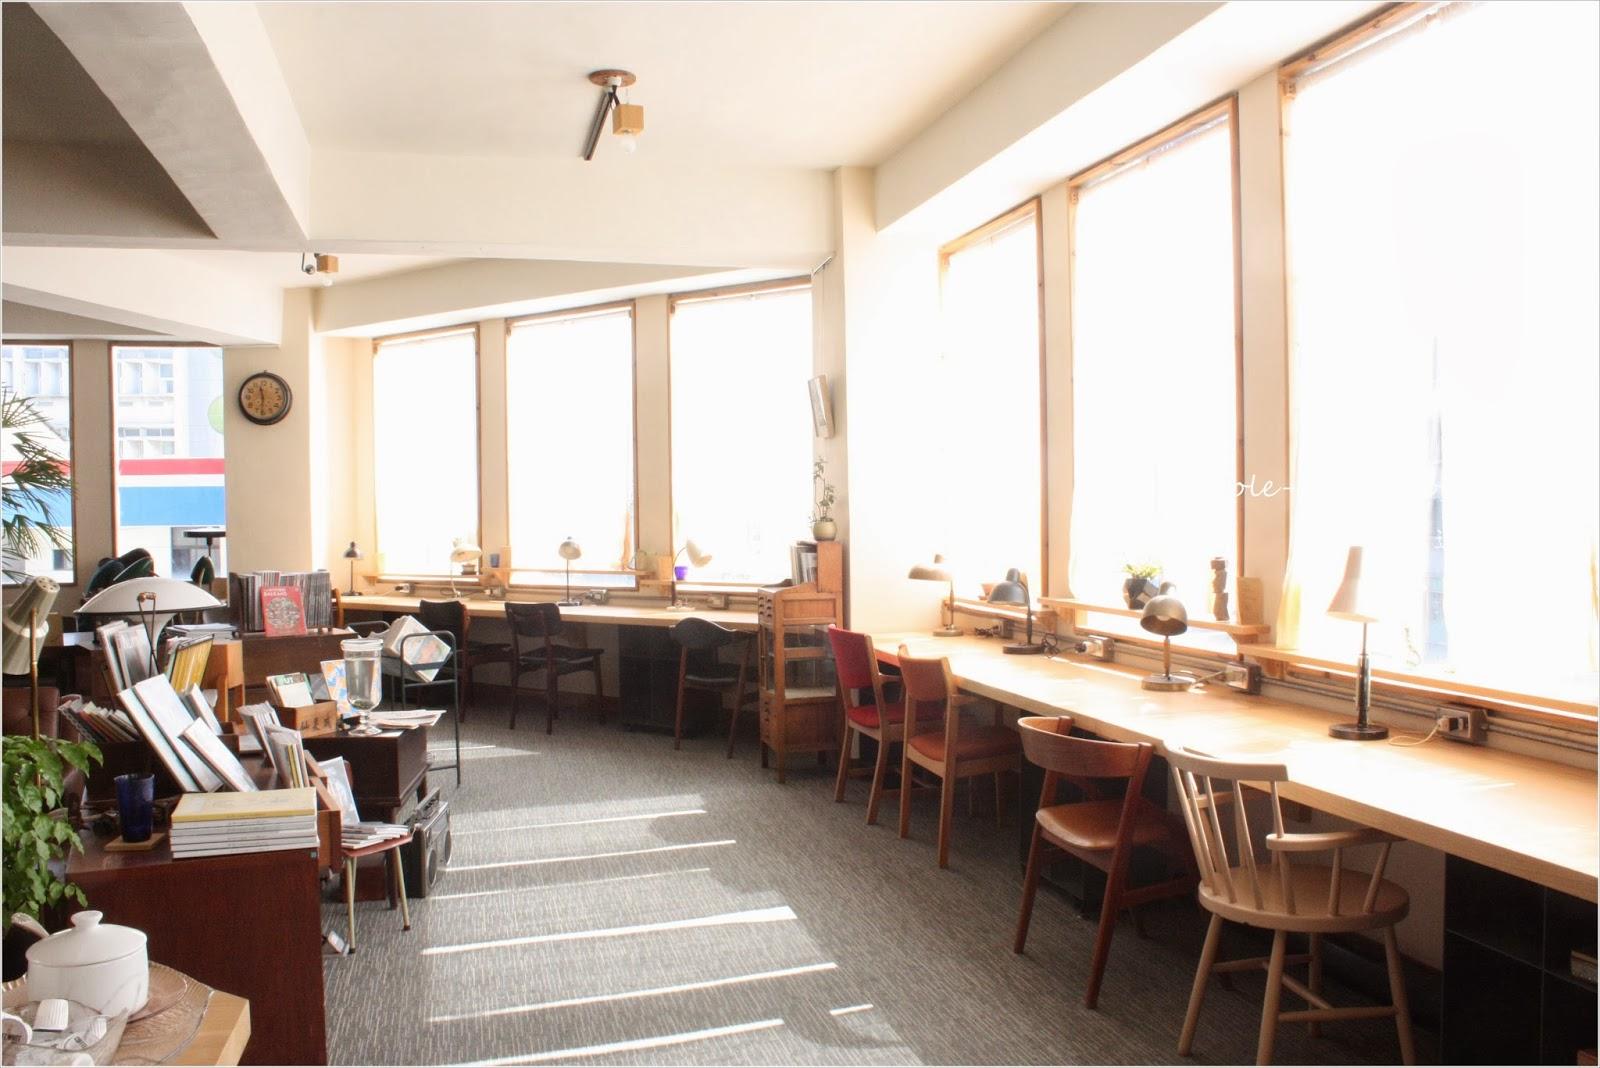 迷你.黑洞: [臺灣.臺南] 像圖書館一樣的咖啡店:Room A